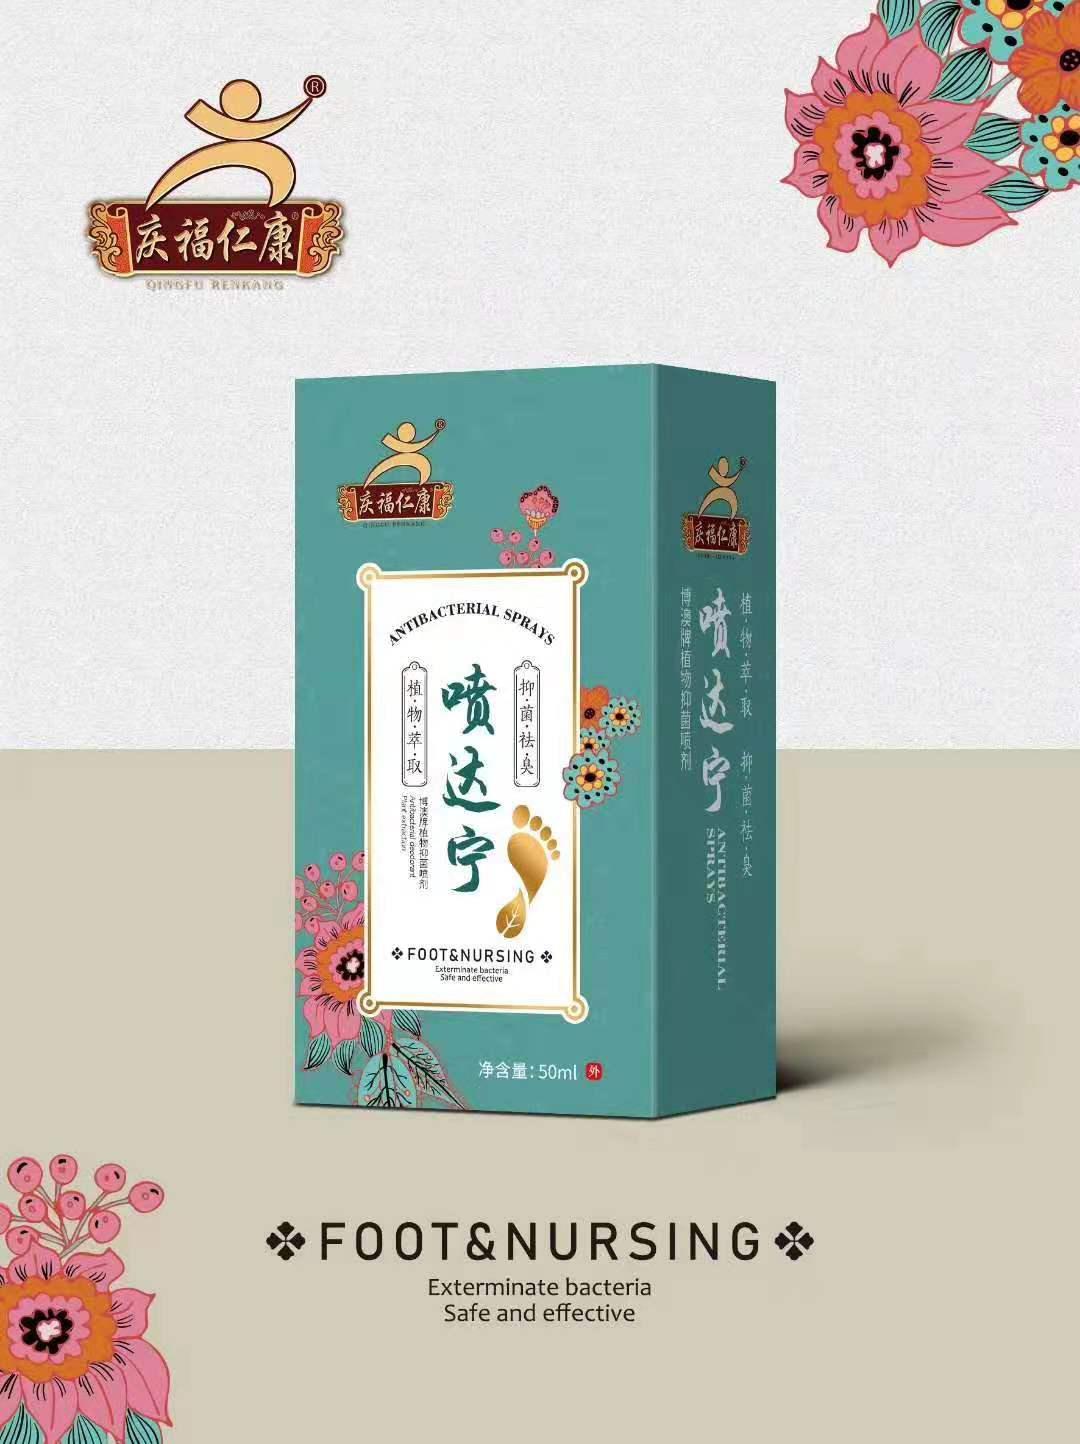 慶福仁康噴達寧噴劑